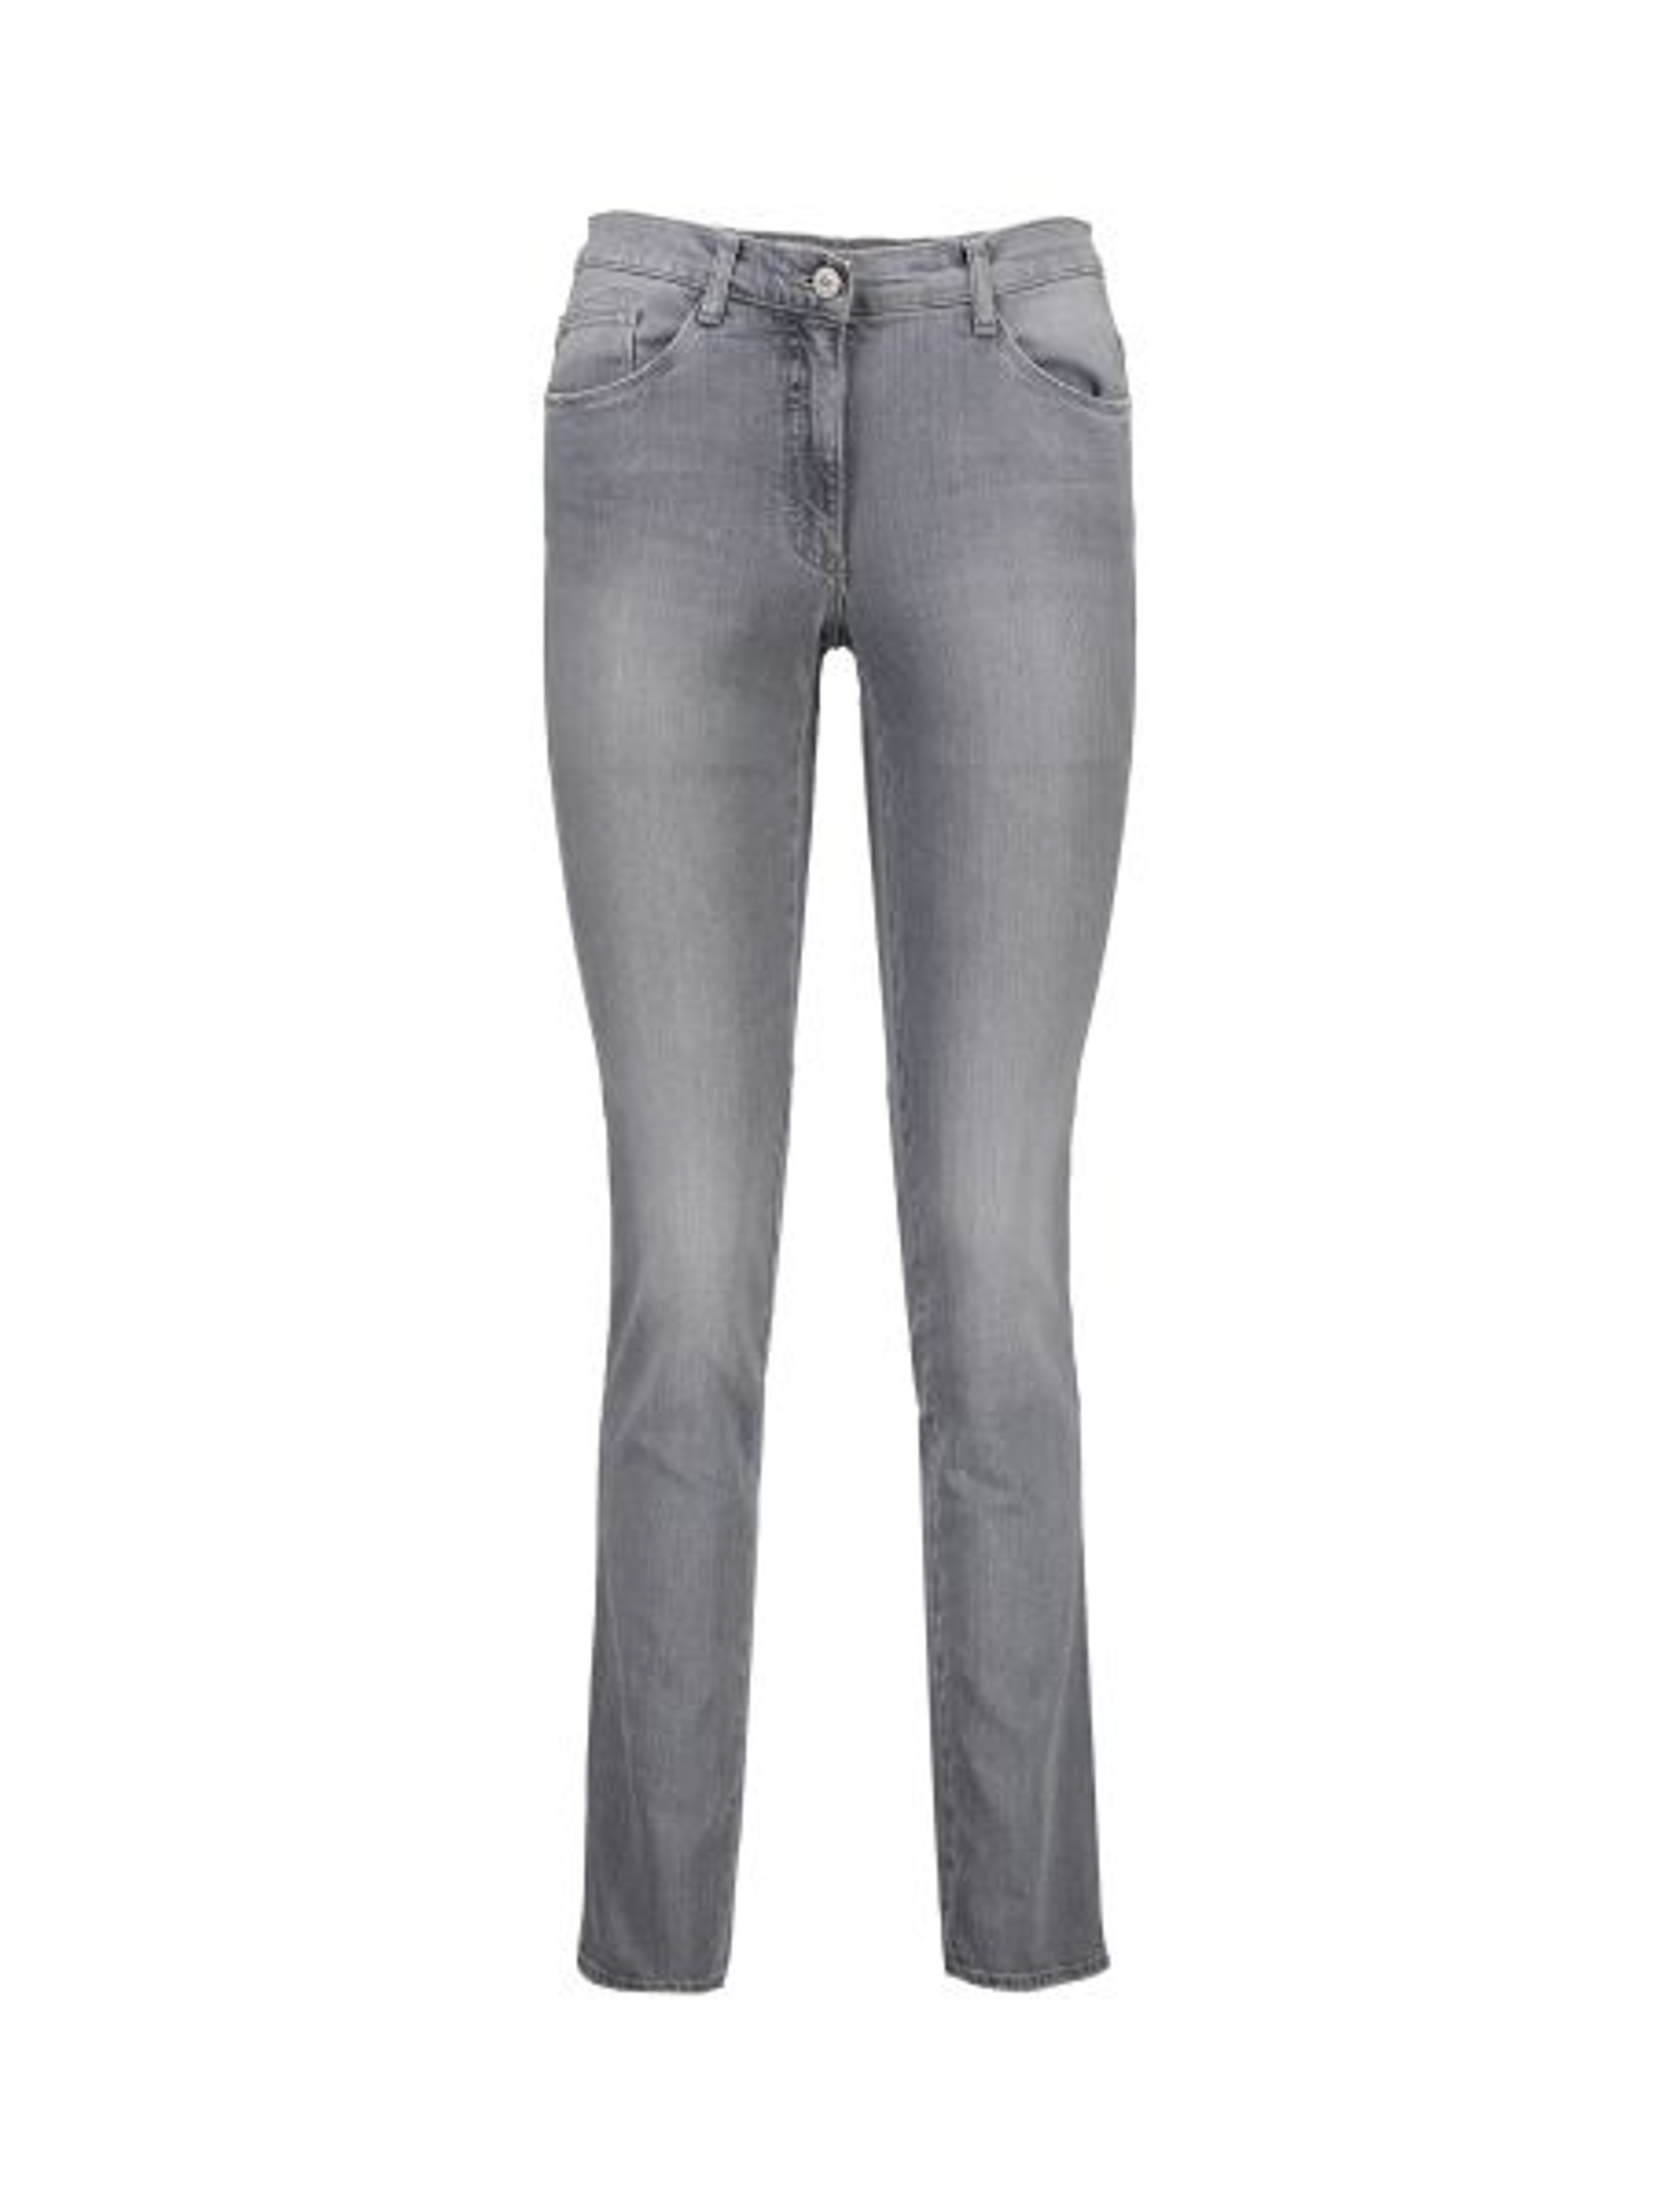 شلوار جین راسته زنانه BX-MARY - برکس